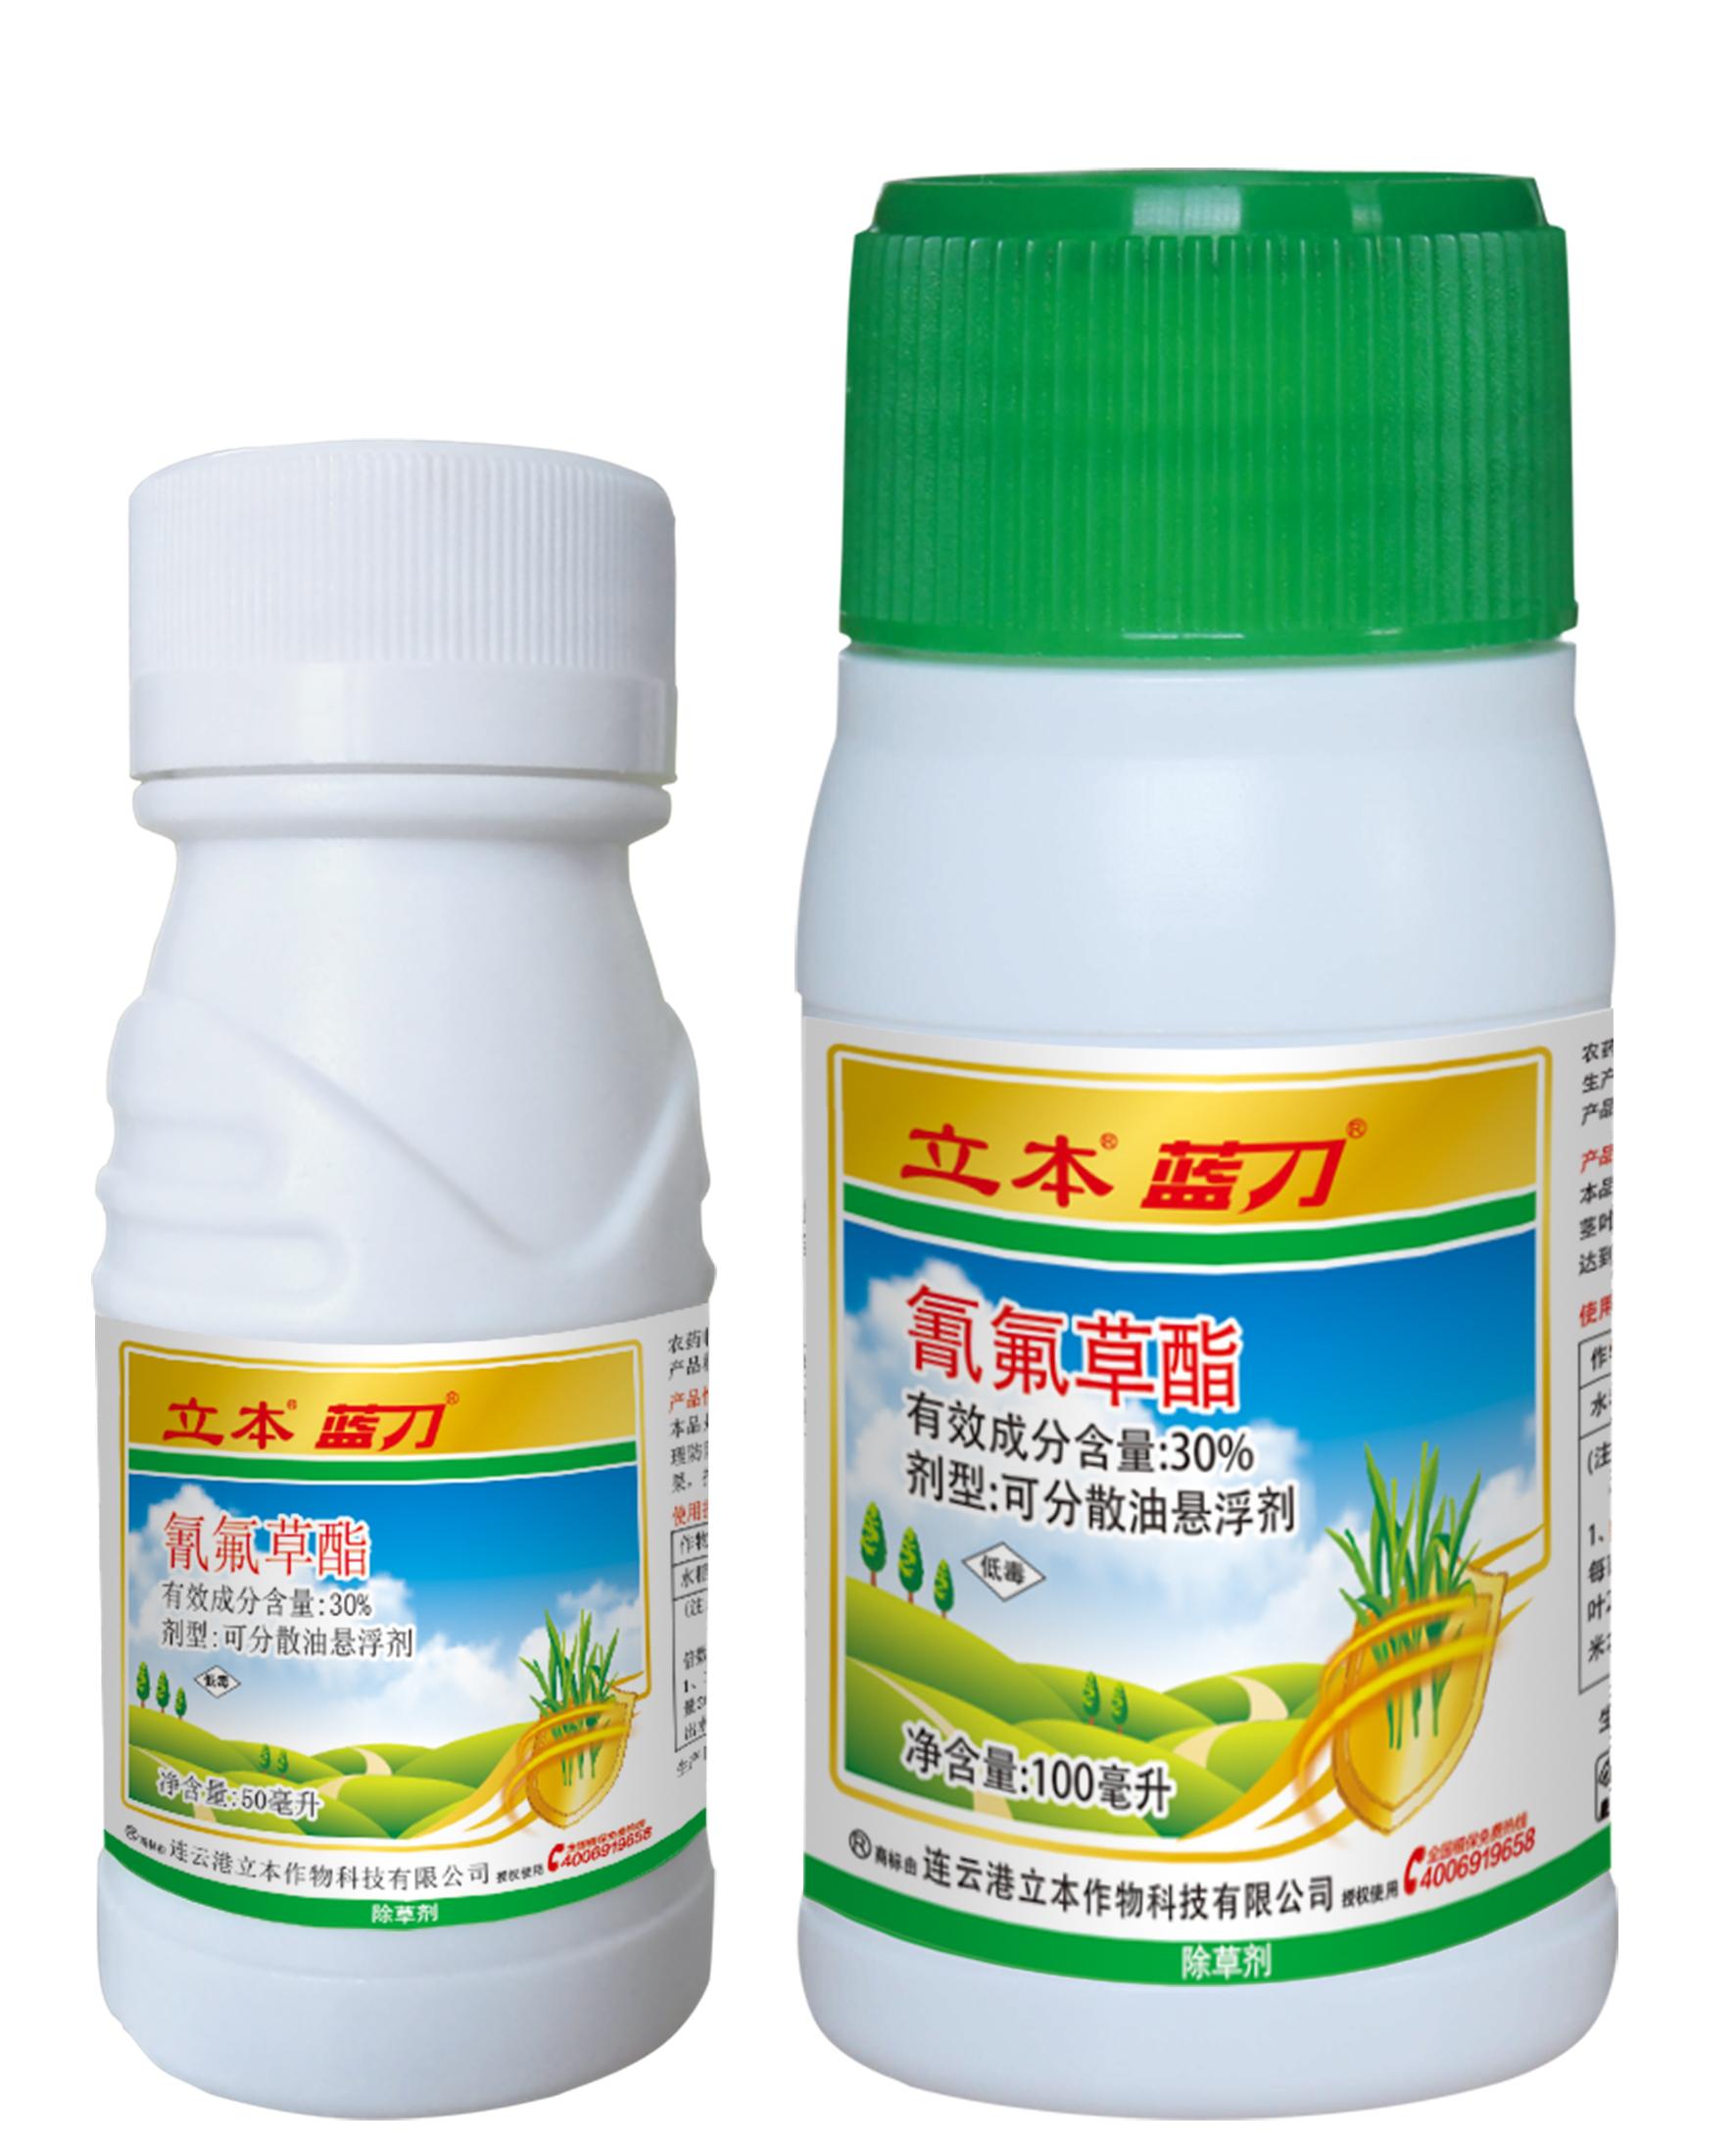 30%氰氟草酯乳油